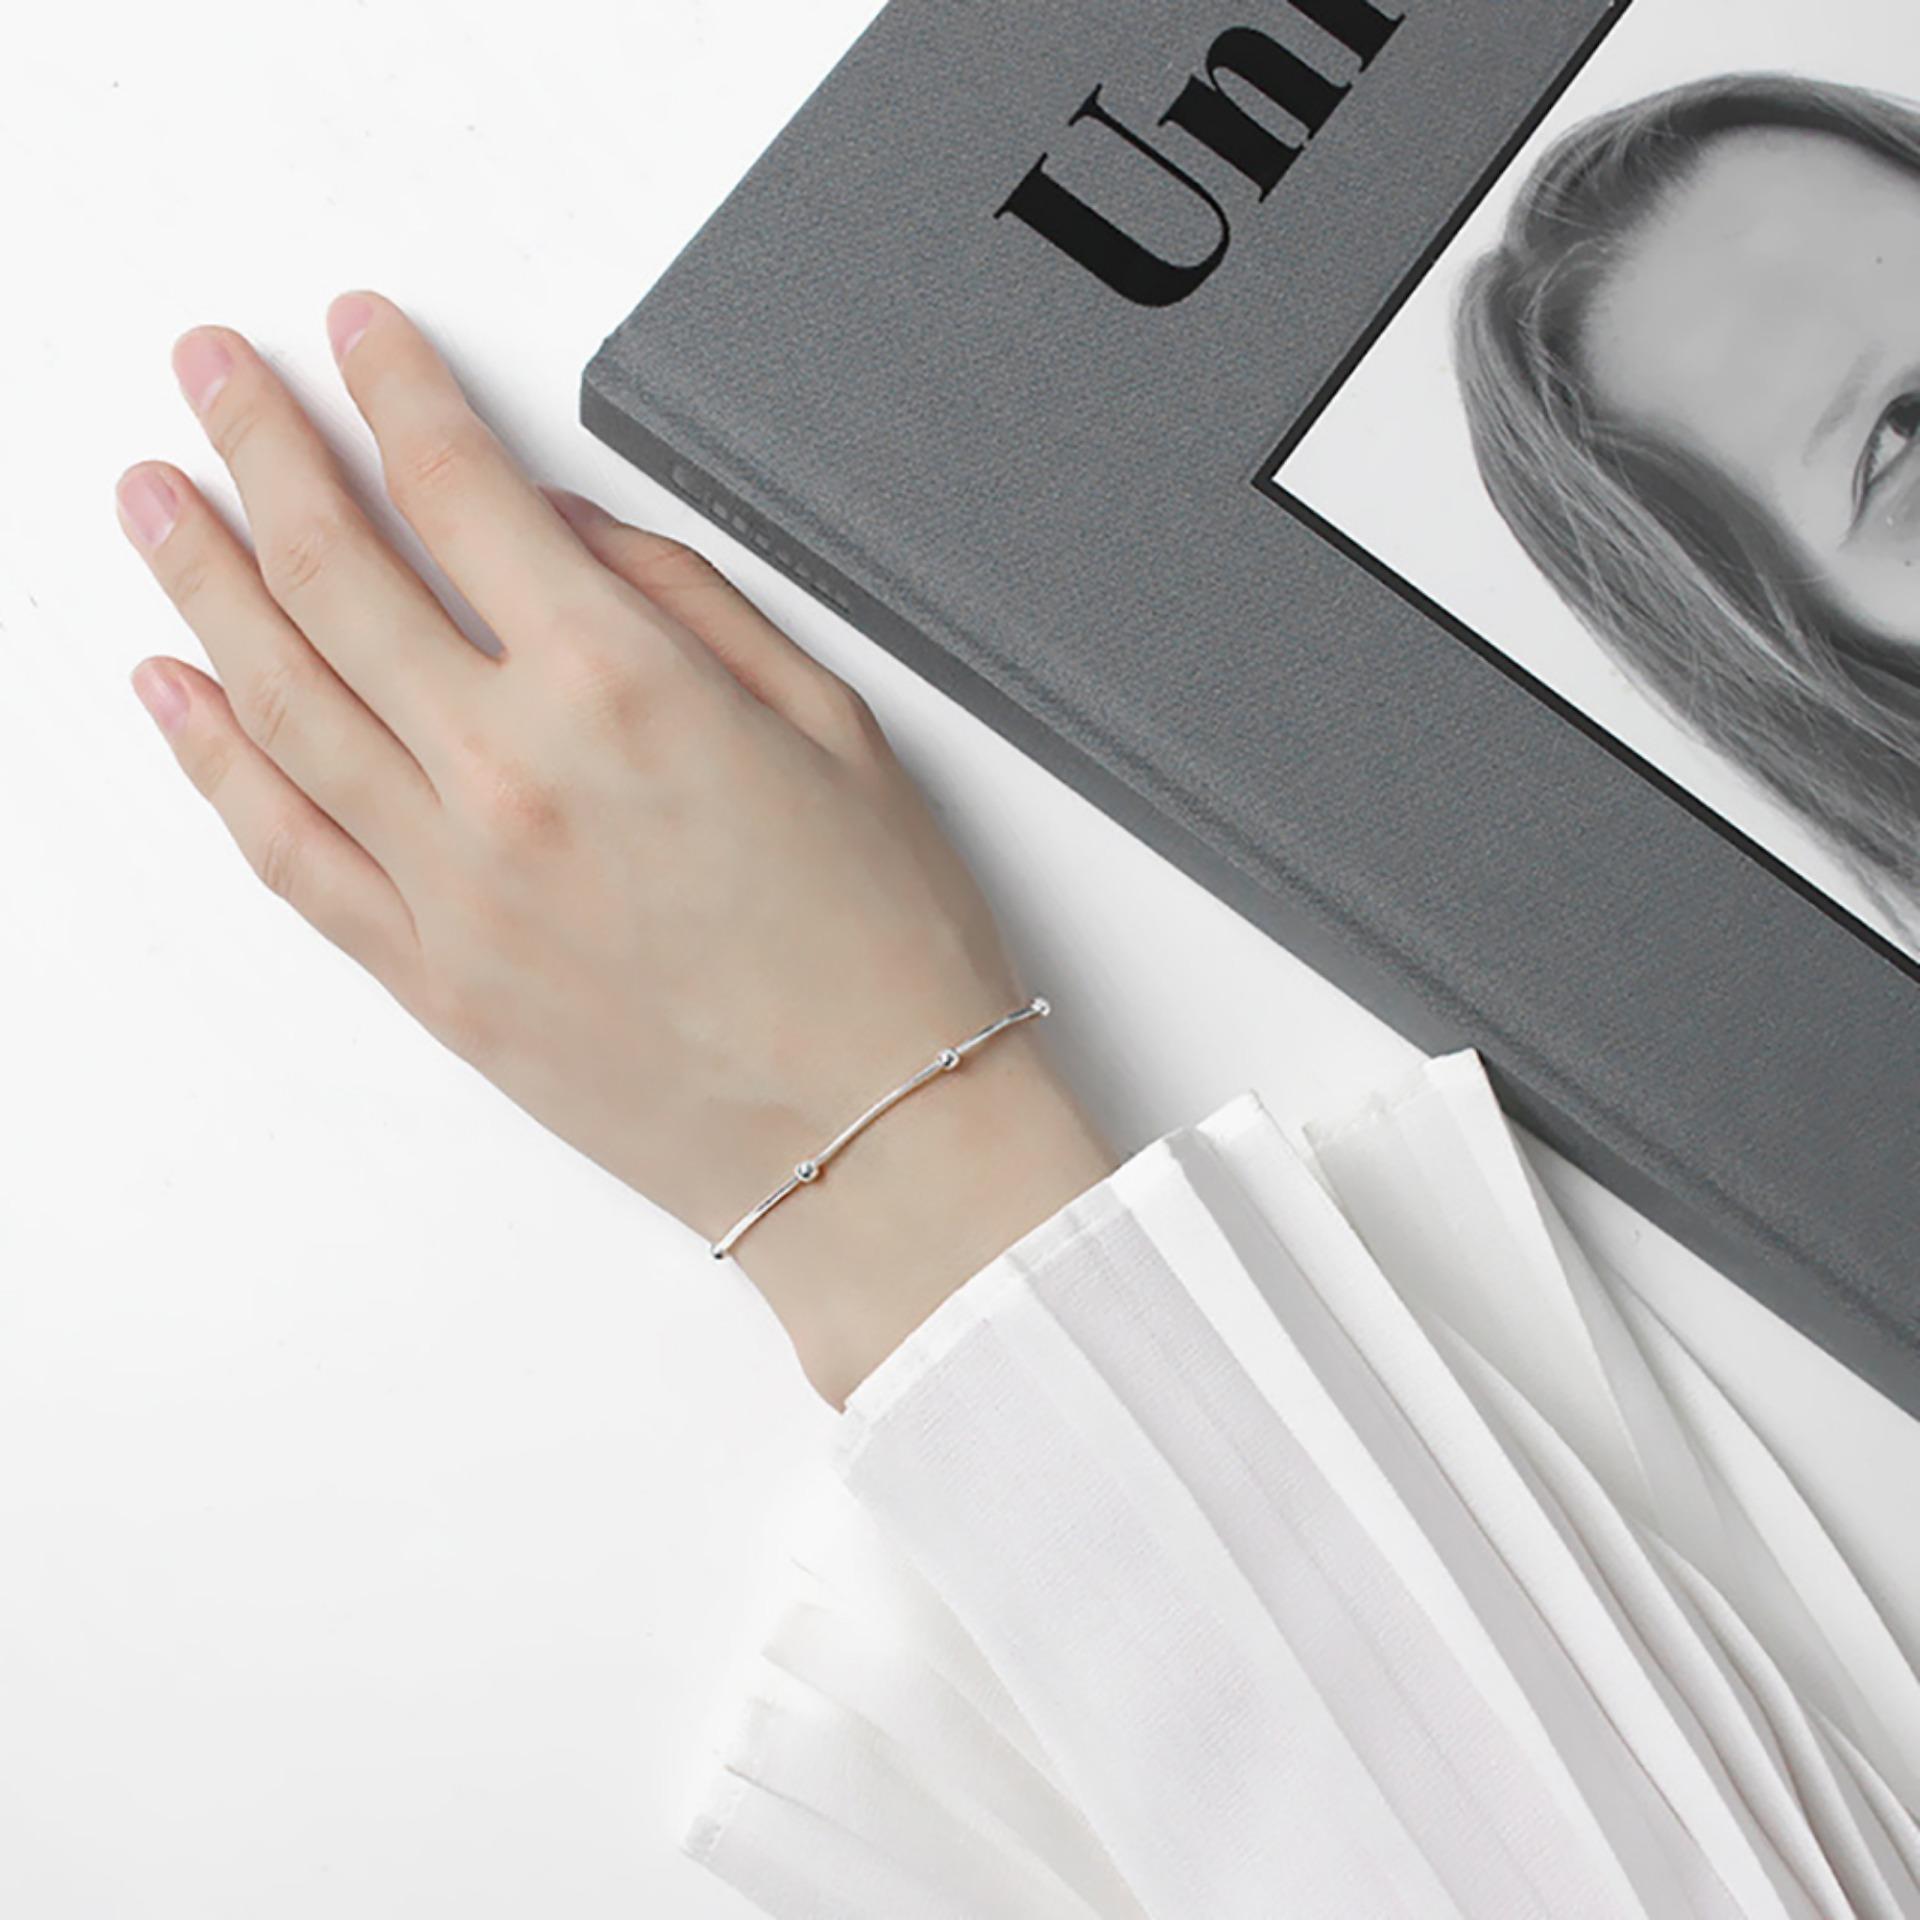 Lắc Tay Nữ Bạc Thật 925 Mạ Bạch Kim Jk Silver Kiểu Dang Trendy Trẻ Trung Jk Silver Chiết Khấu 30